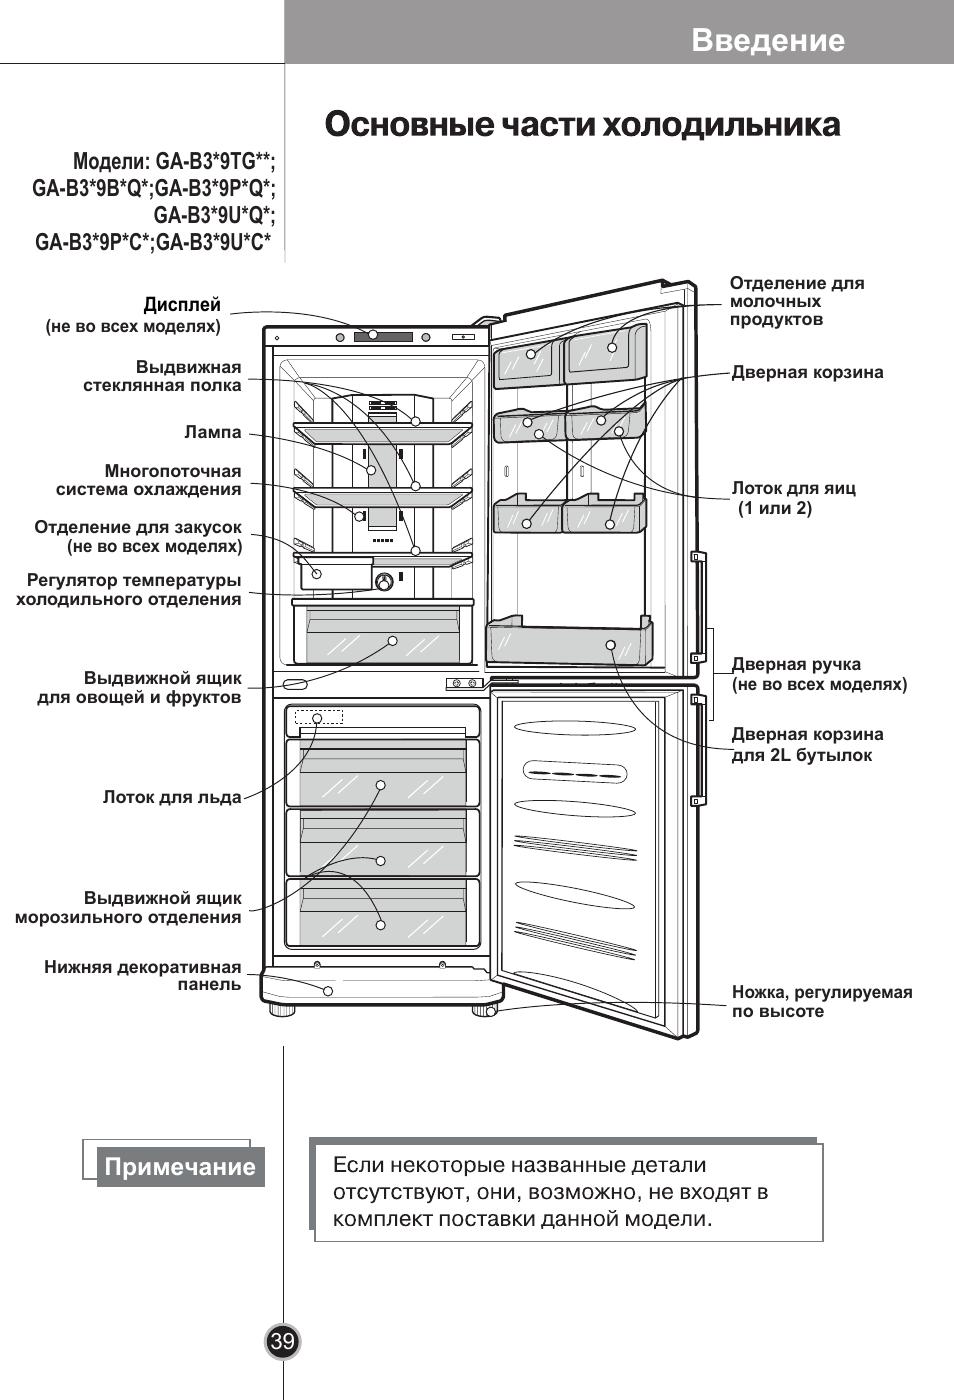 lg mez62669903 холодильник инструкция по эксплуатации